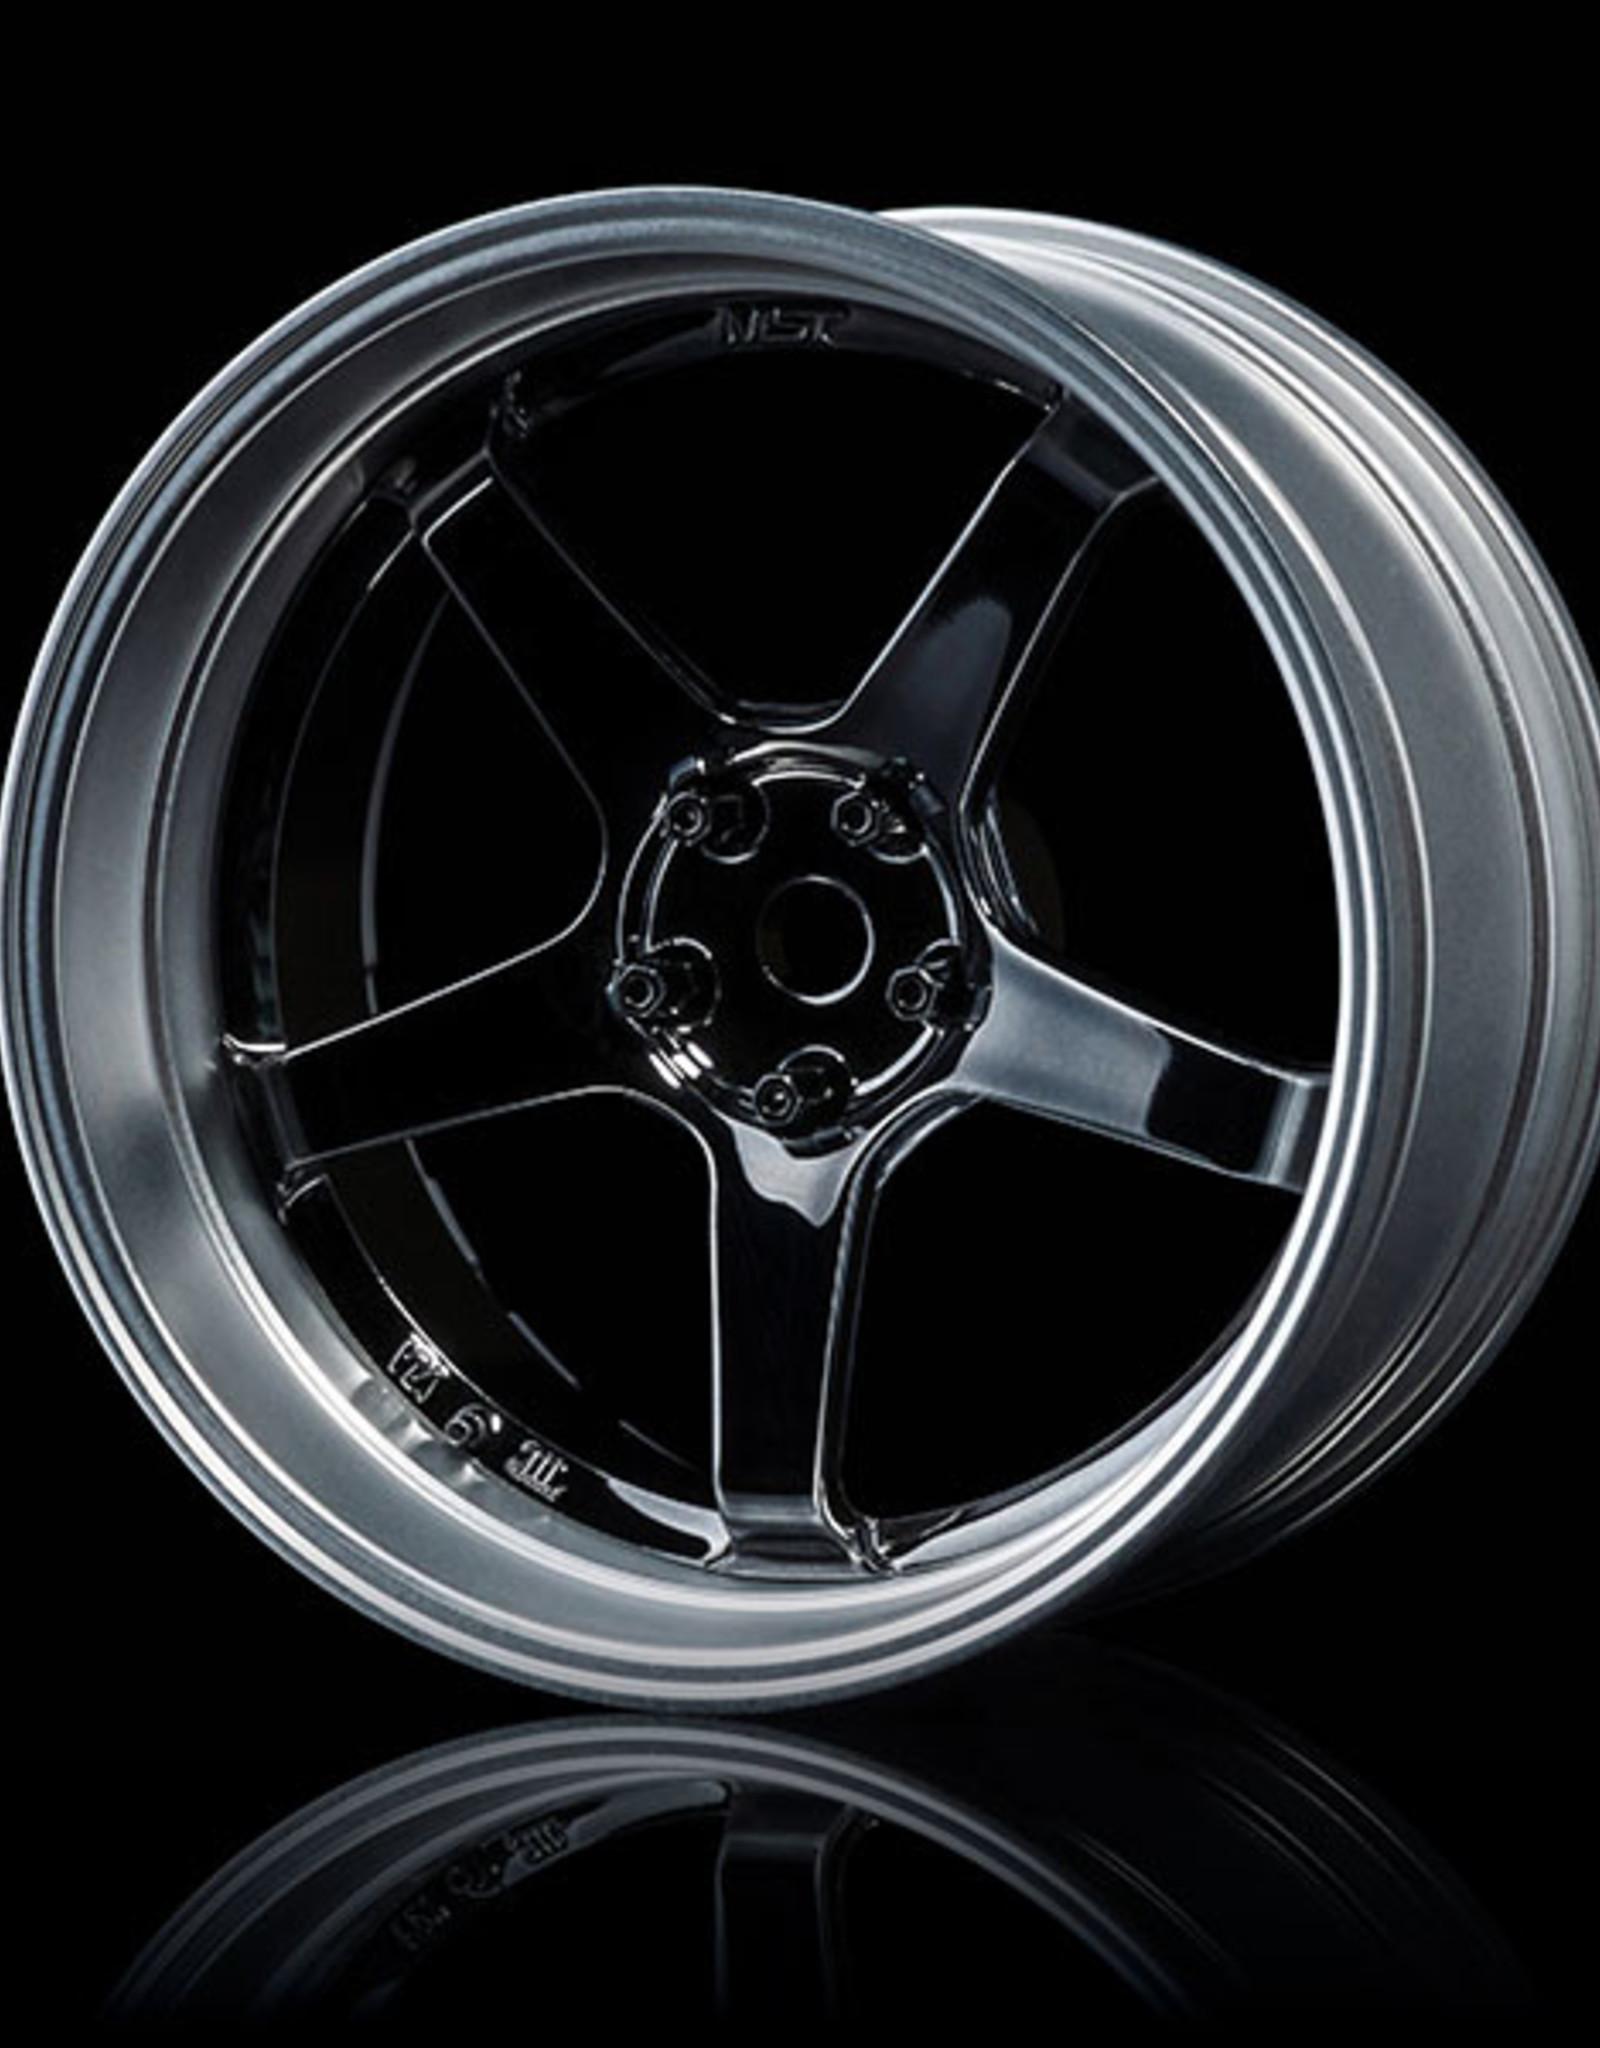 MST GT Offset Changeable Wheel (4pcs.) by MST FS-S